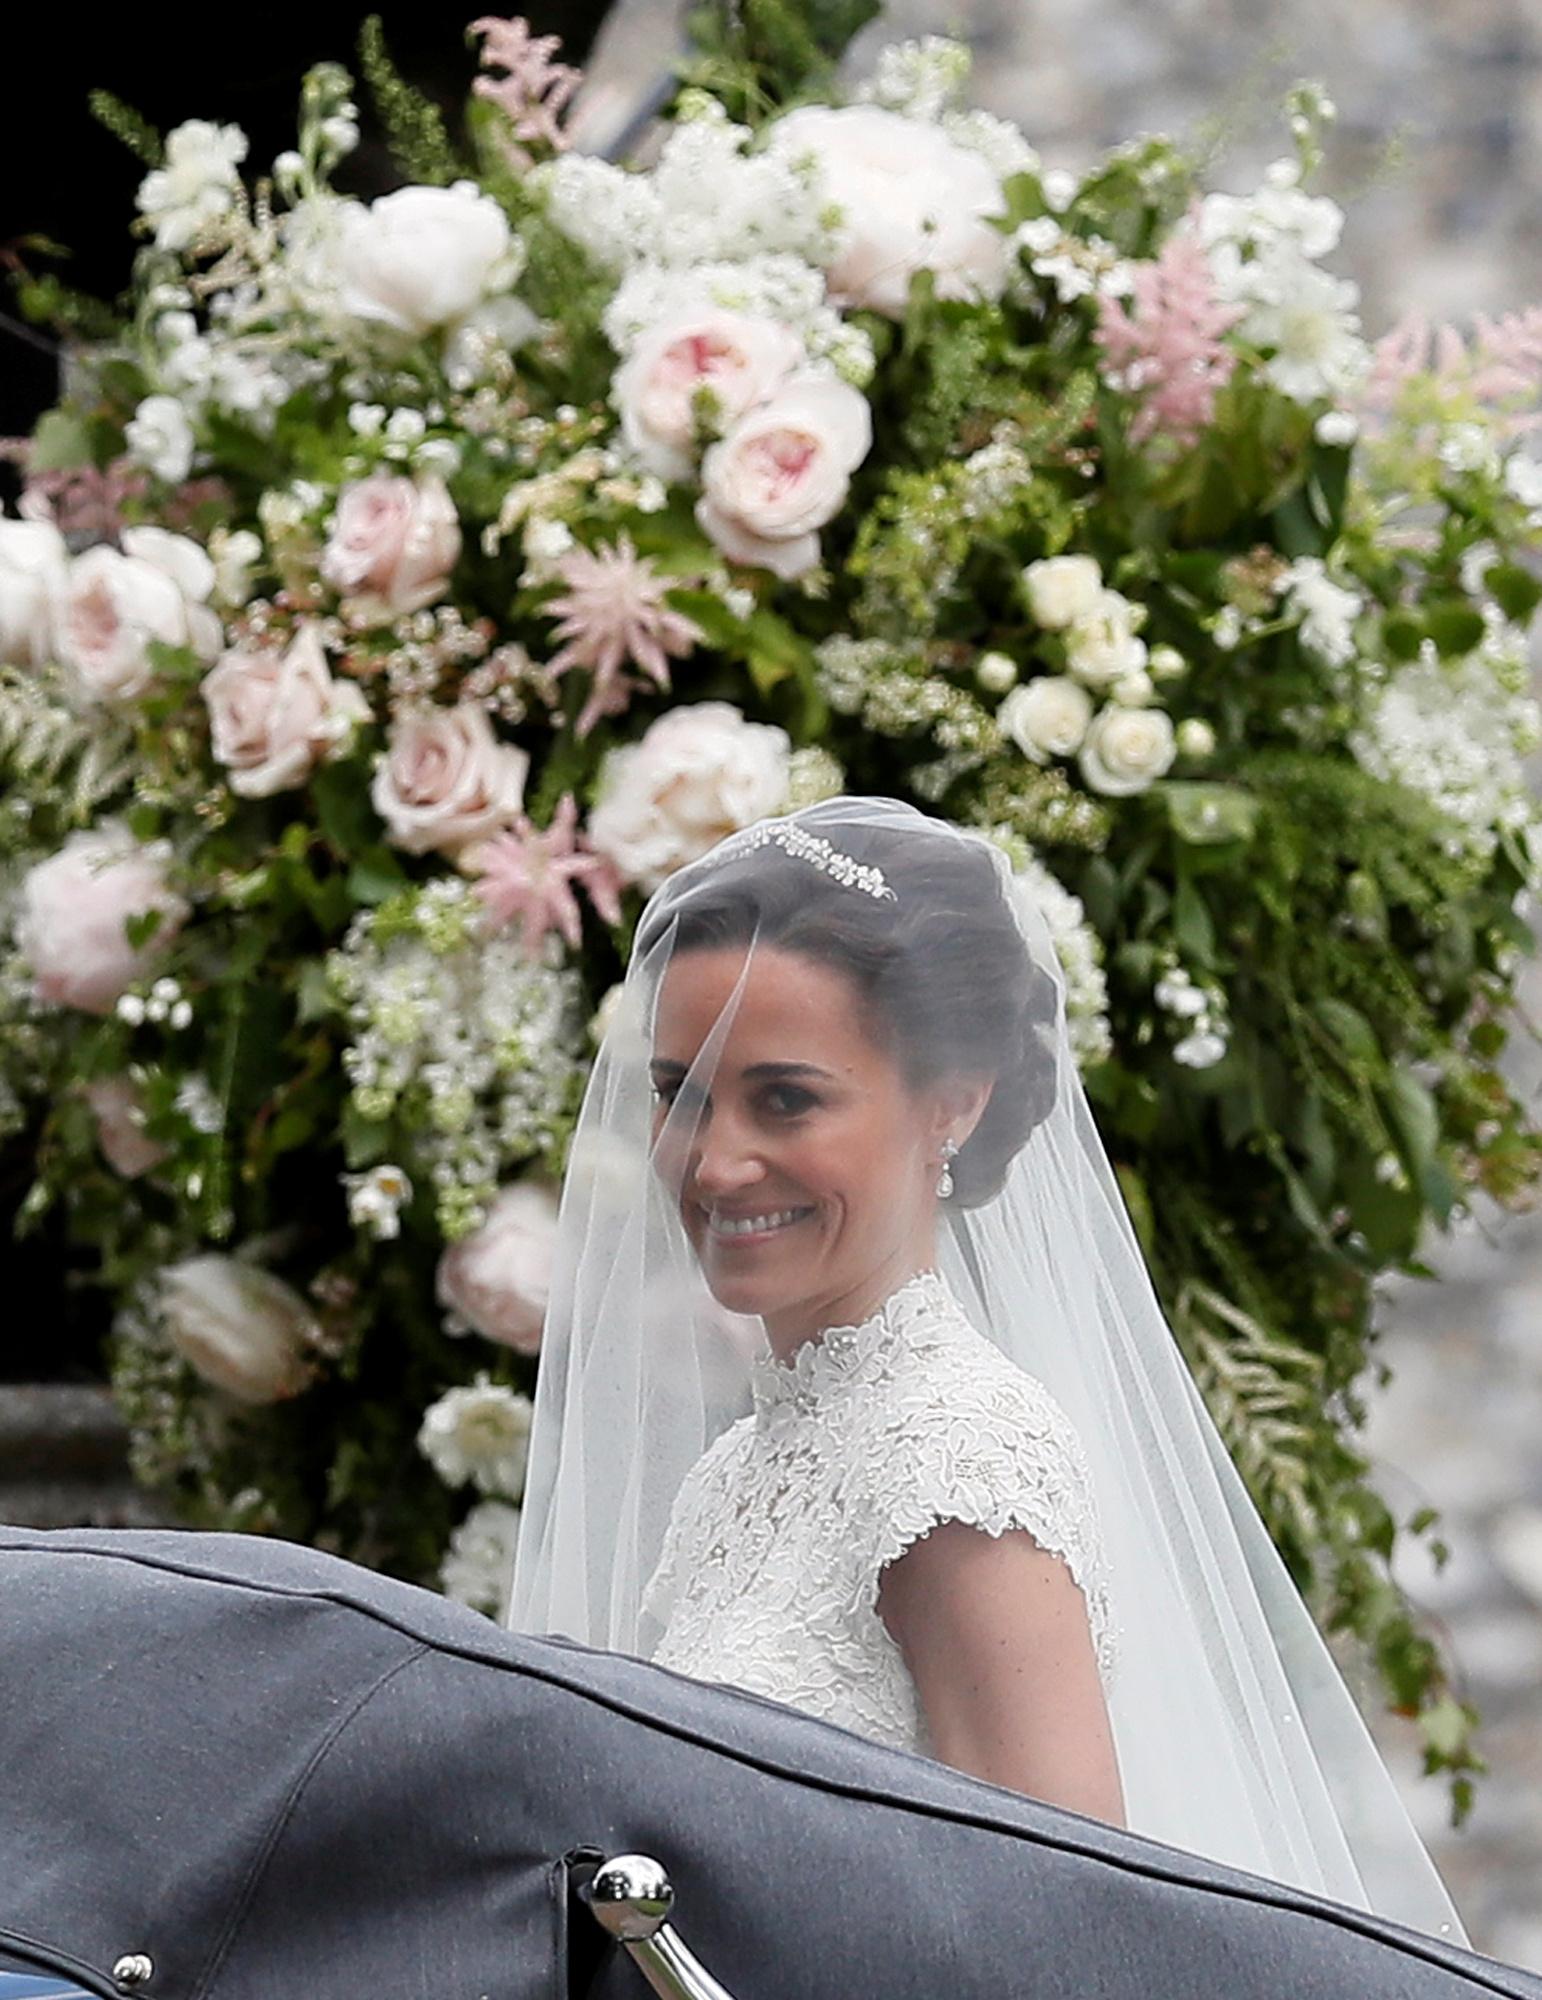 Pippa middleton marries james matthews the wedding live - Blumenkinder kleider ...